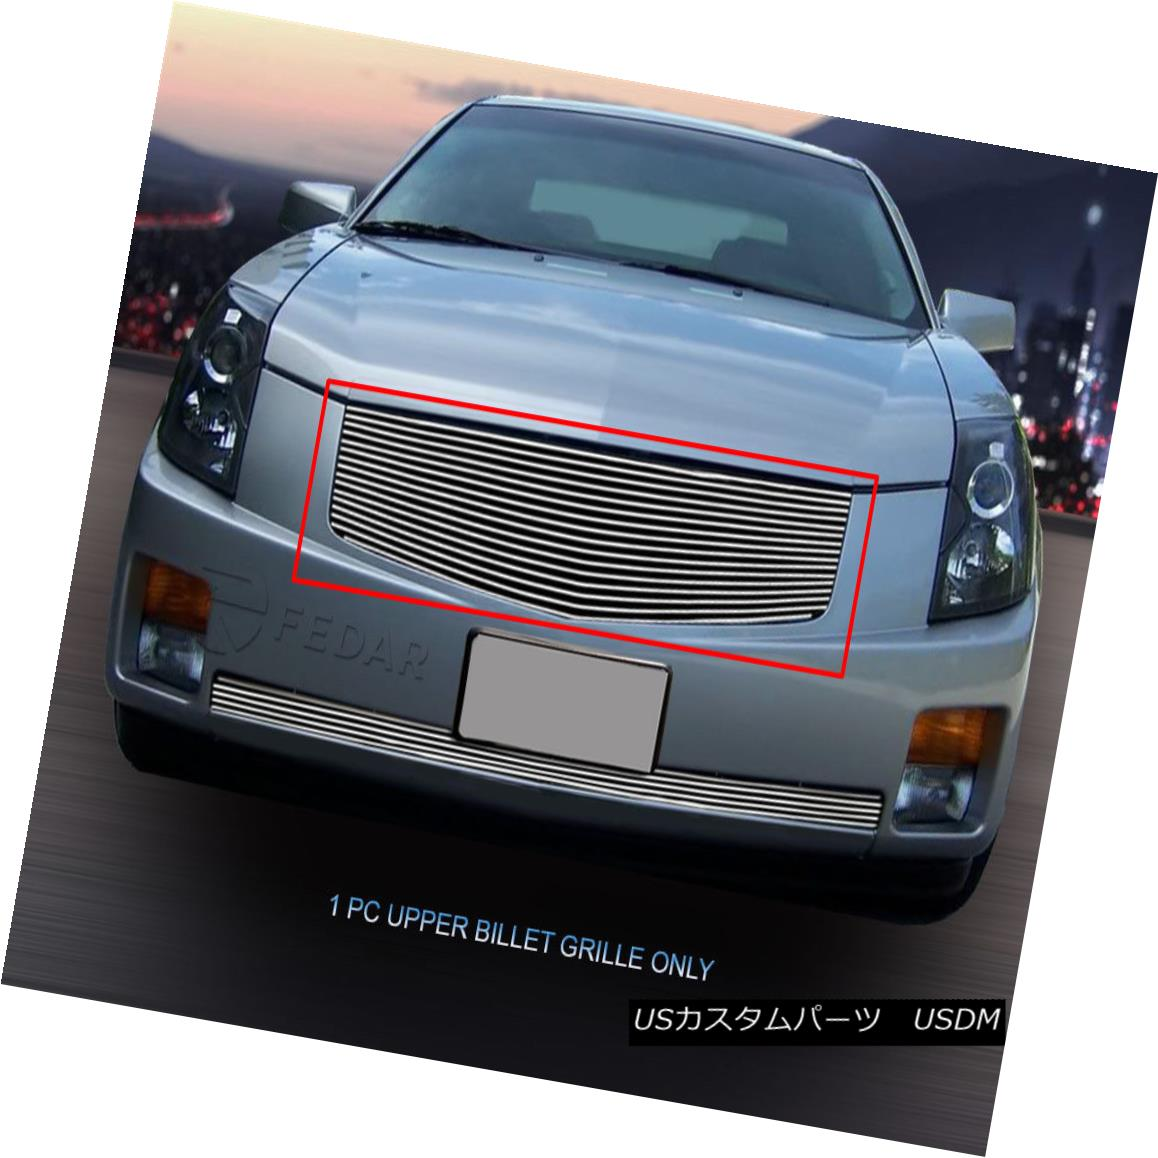 グリル Fedar Fits 2003-2007 Cadillac CTS Polished Main Upper Billet Grille Fedarは2003-2007年に合うキャデラックCTS研磨されたメインアッパービレットグリル